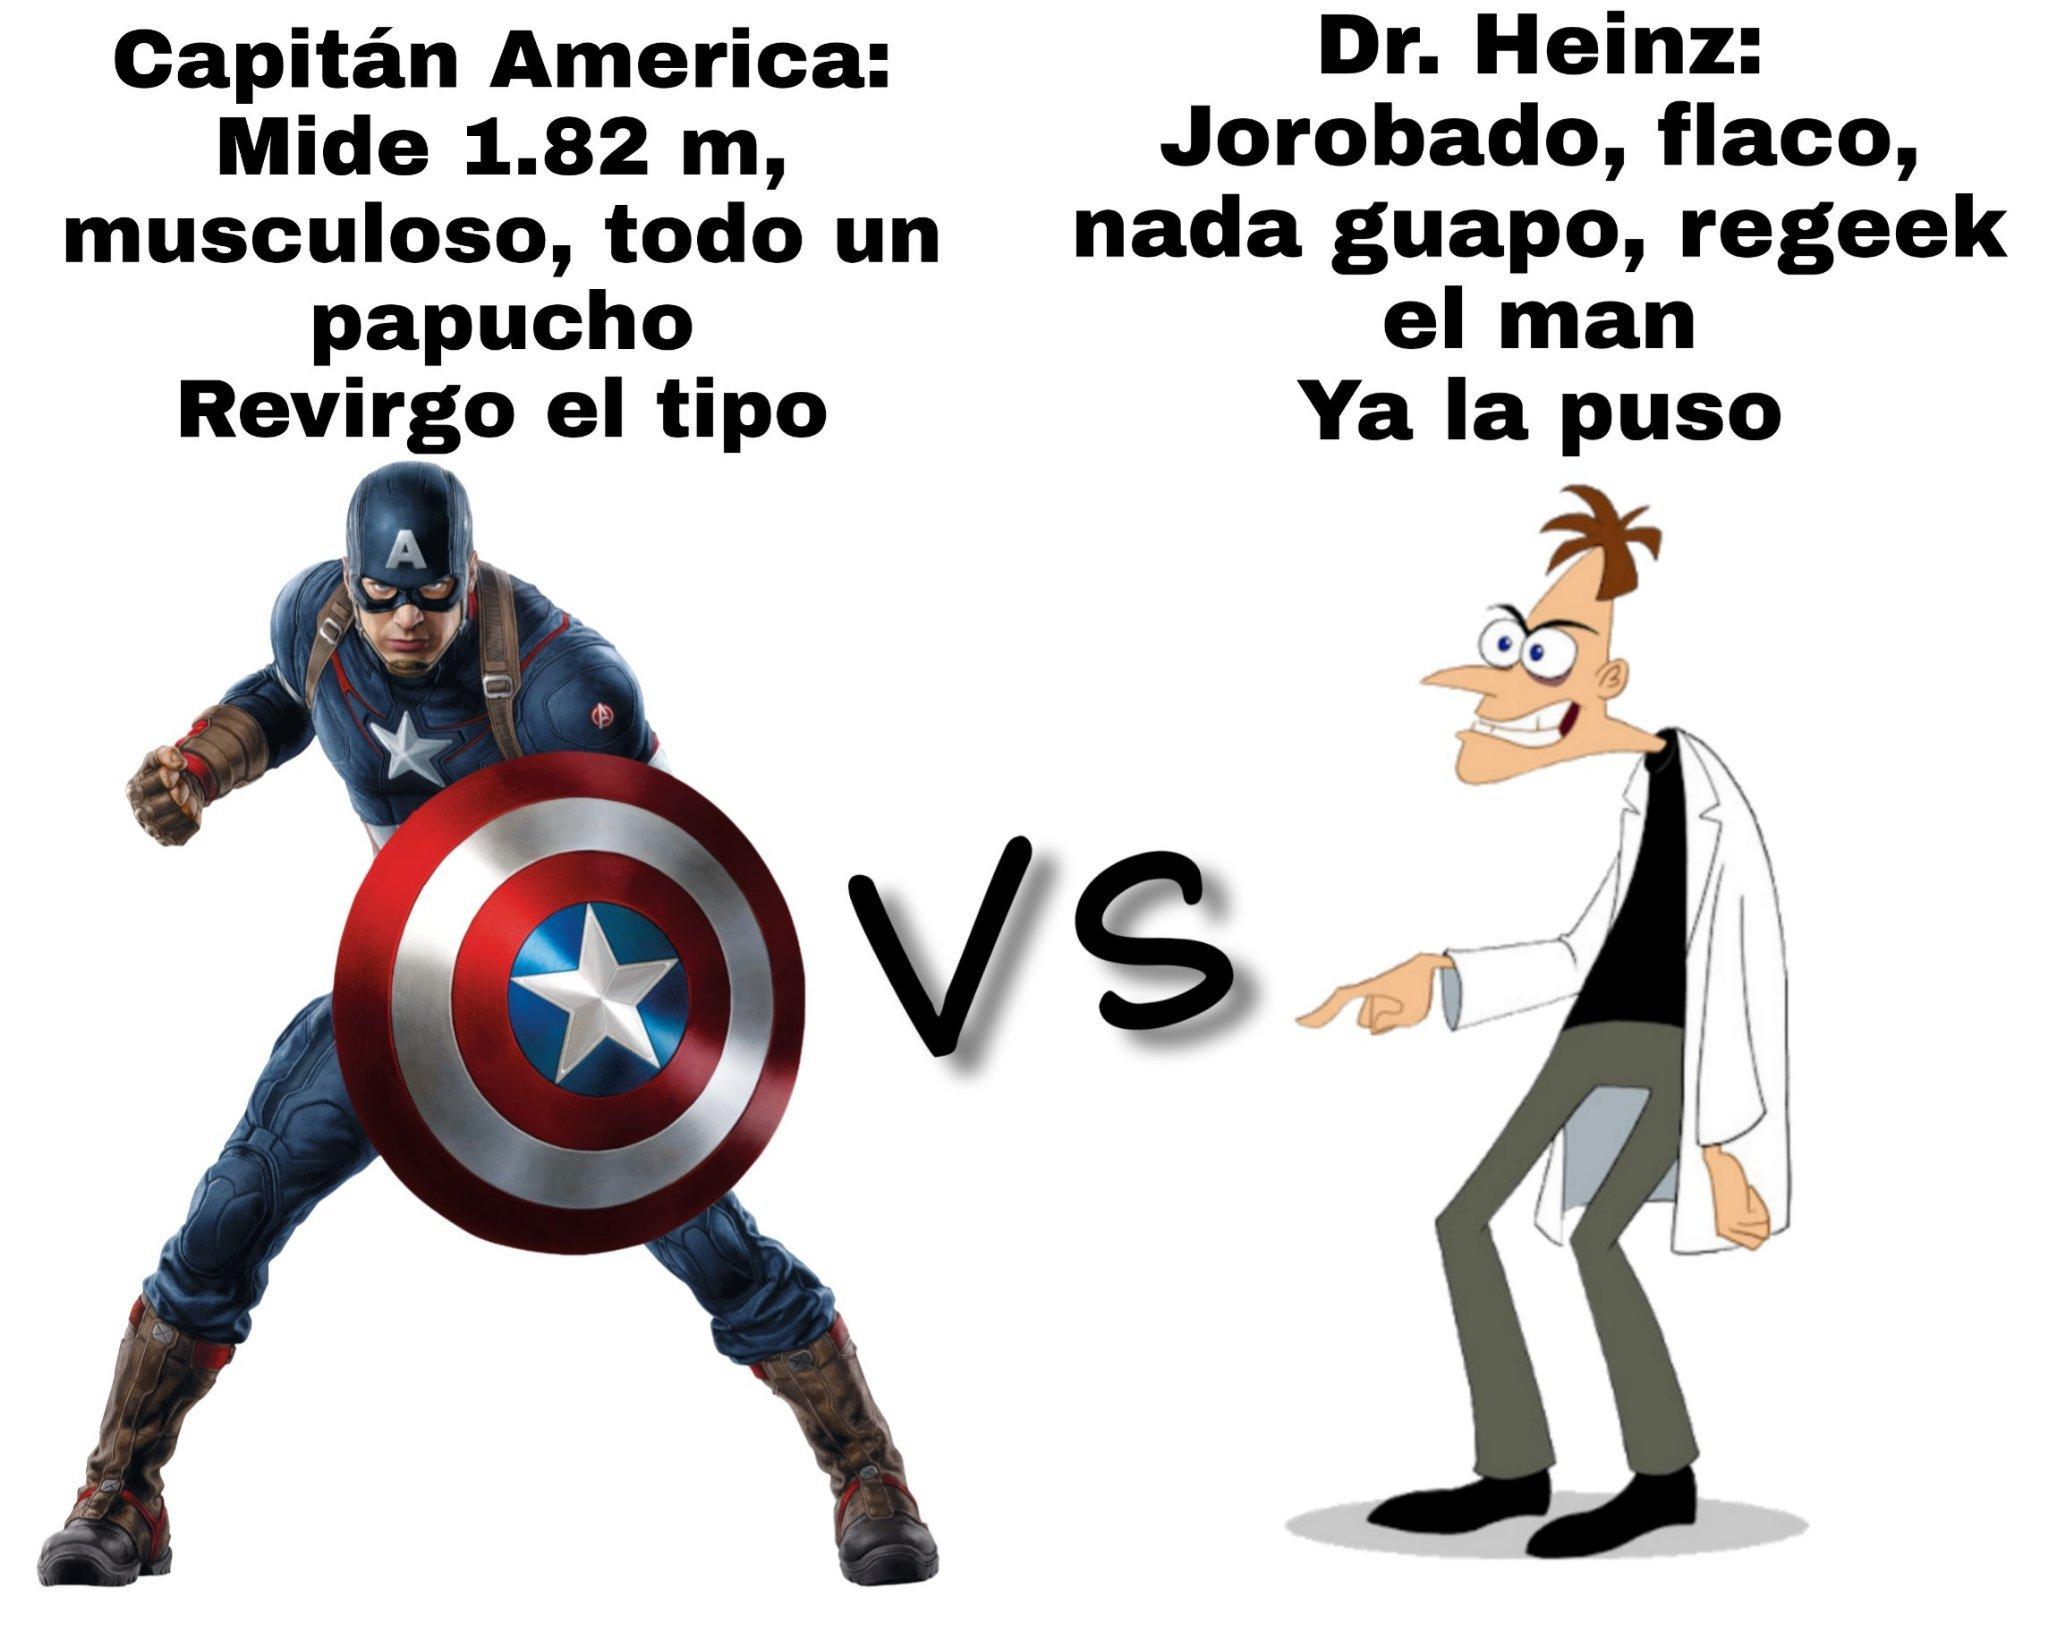 Grande el Doofenshmirtz - meme